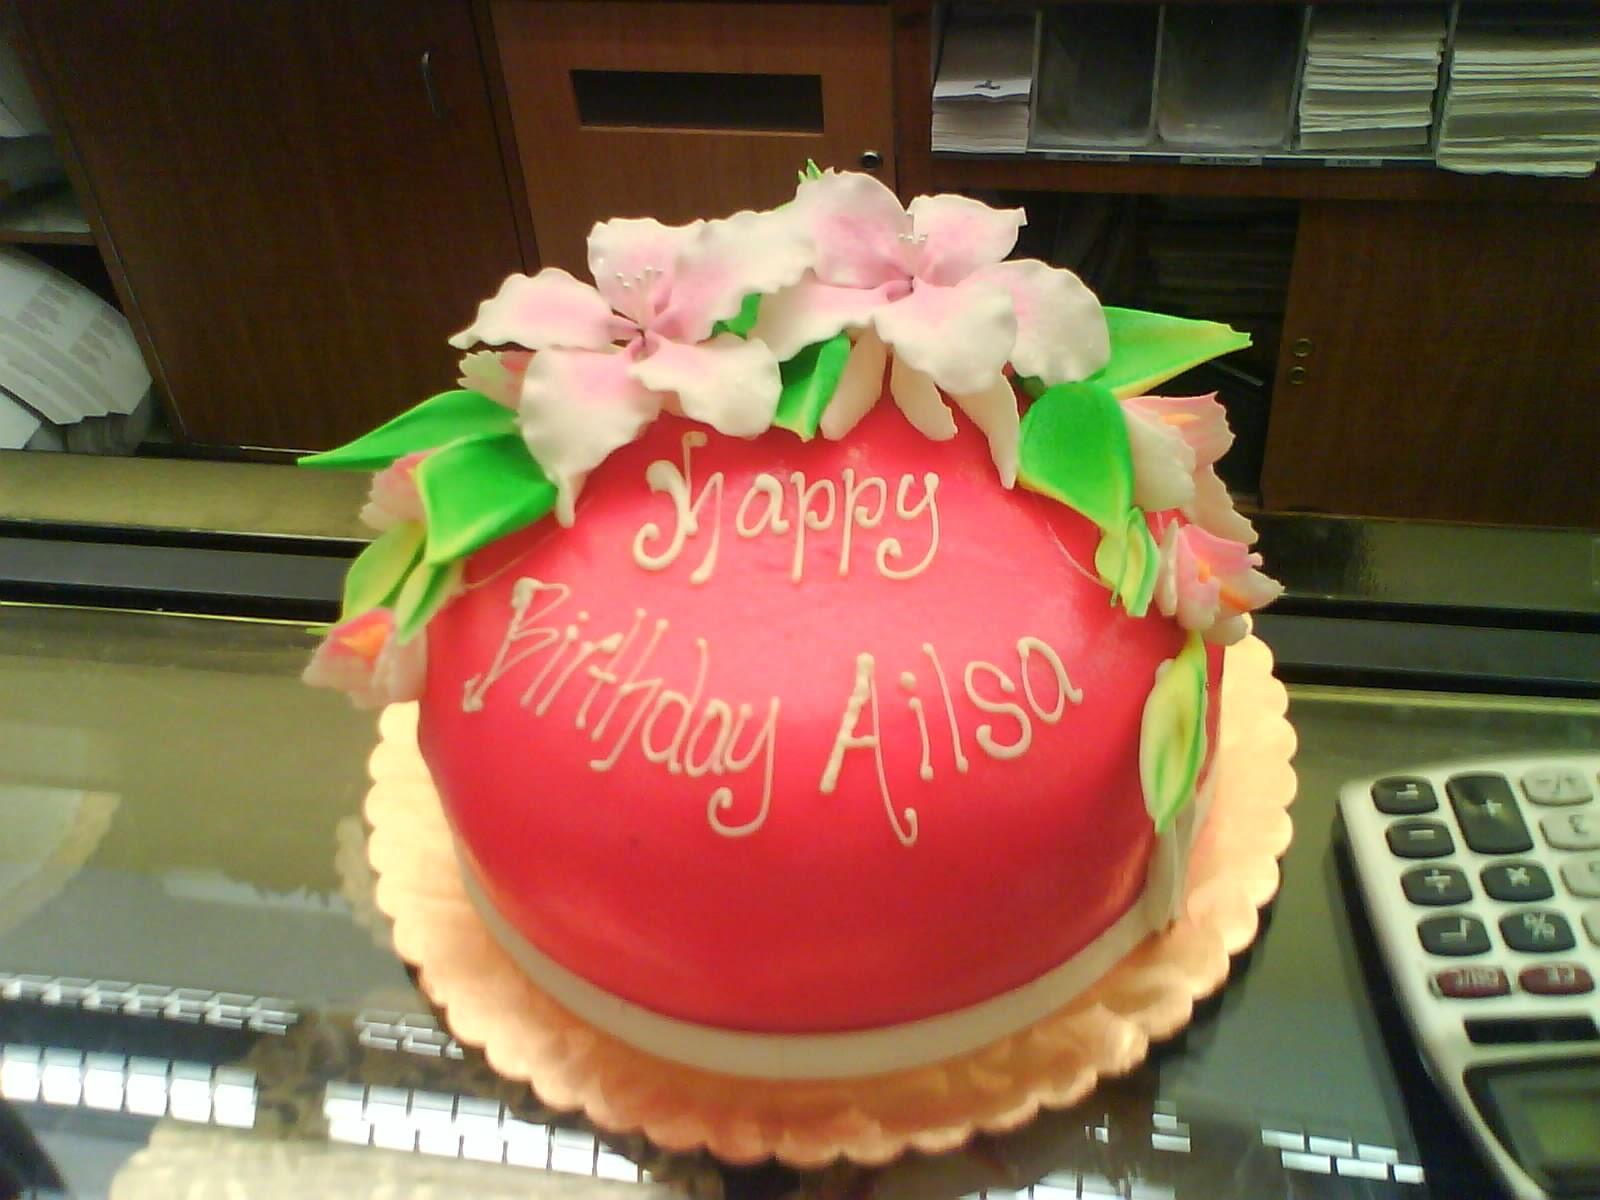 Birthday Birthdaycake Rose Bouquet Birthday Cake Yum And Sooo